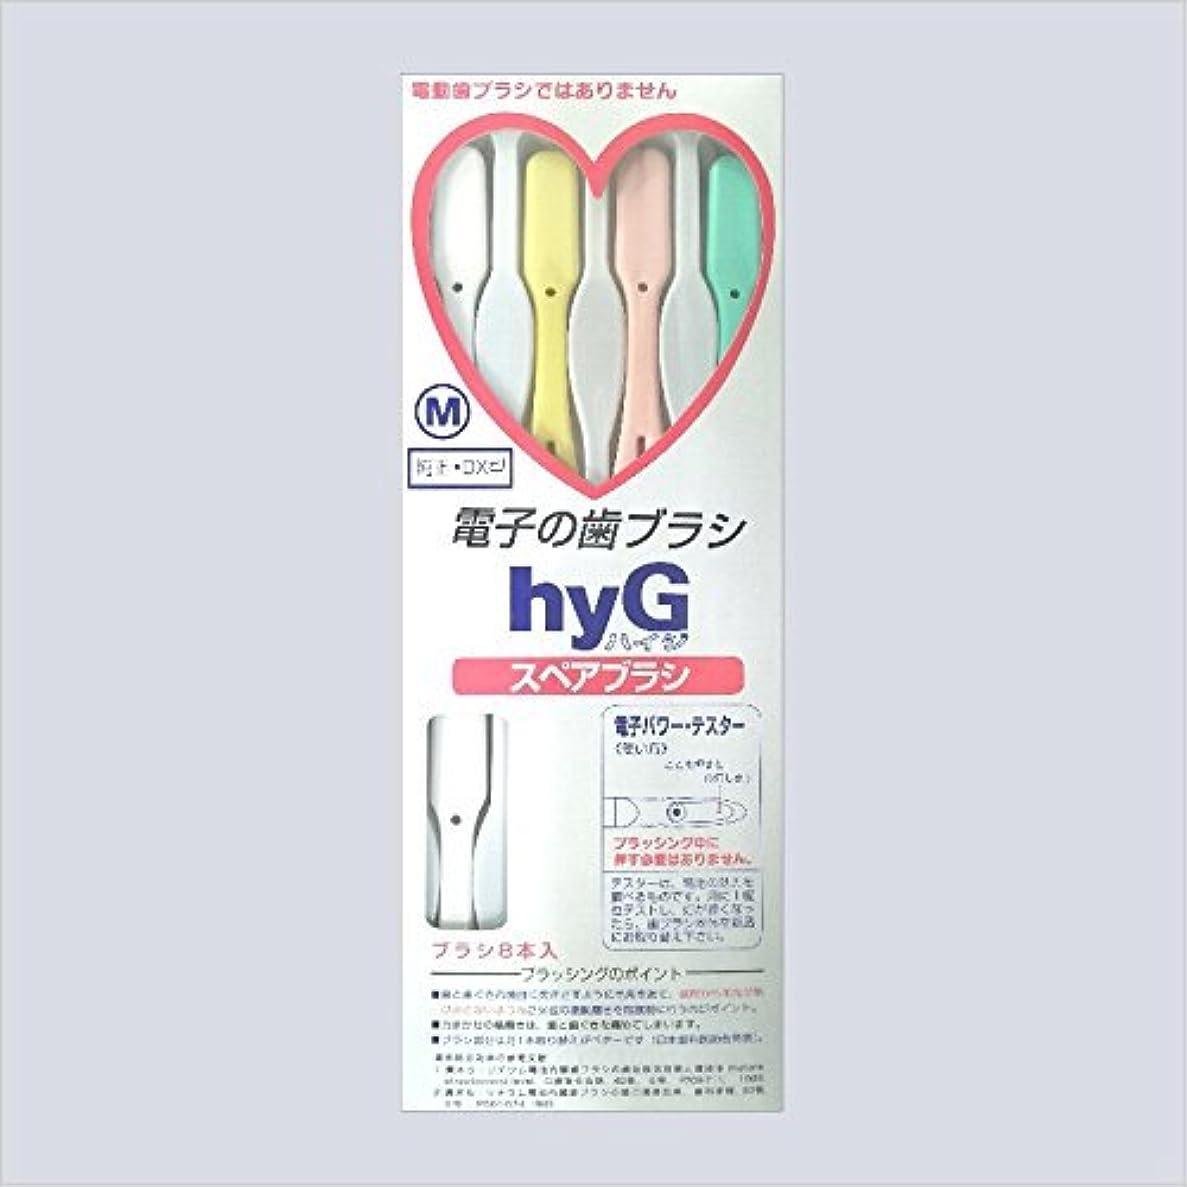 電極ダルセット大きい電子の歯ブラシ ハイジ(hyG)?スペアブラシ <ブラシの硬さ:Mふつう> (※こちらは「スペアブラシ」です )?hyG-DX型